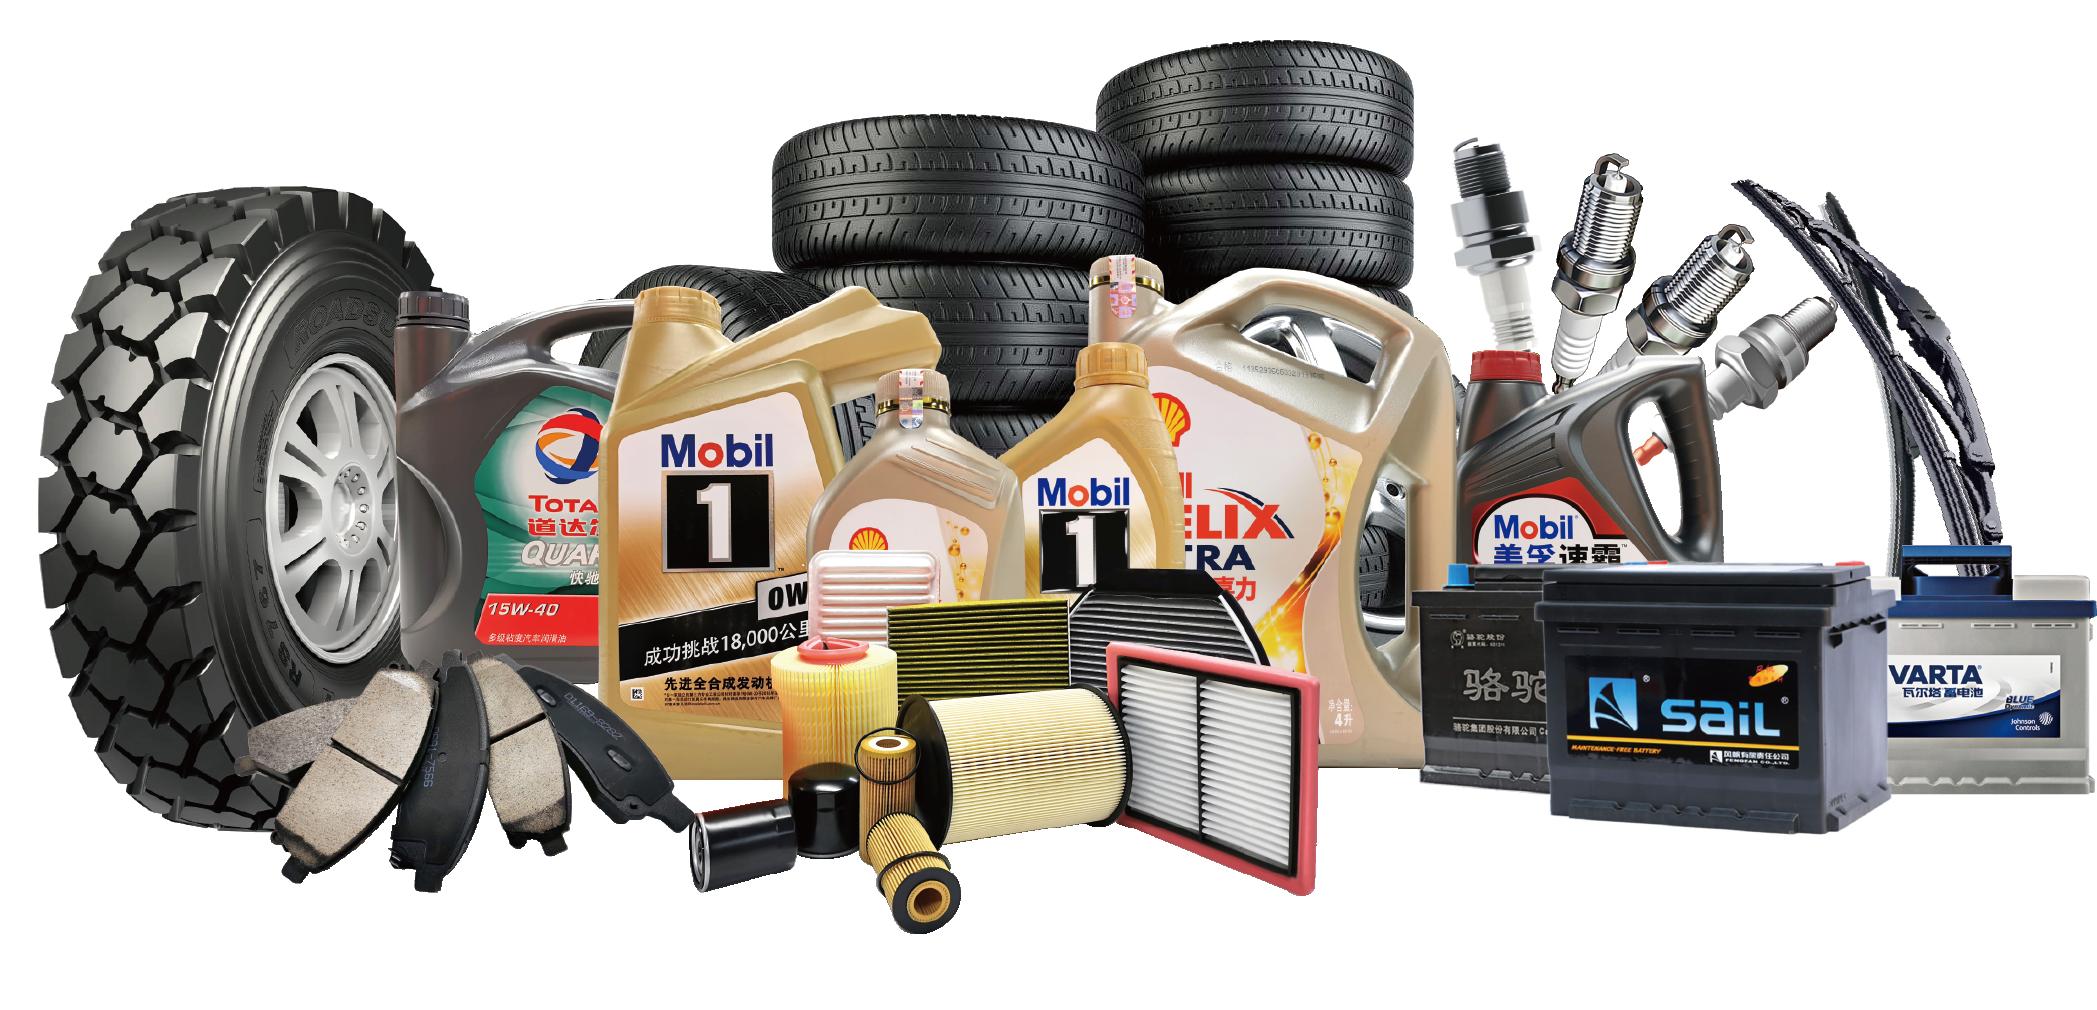 做轮胎机油汽配批发选择武汉名品汇聚特来斯汽配工场可靠吗?